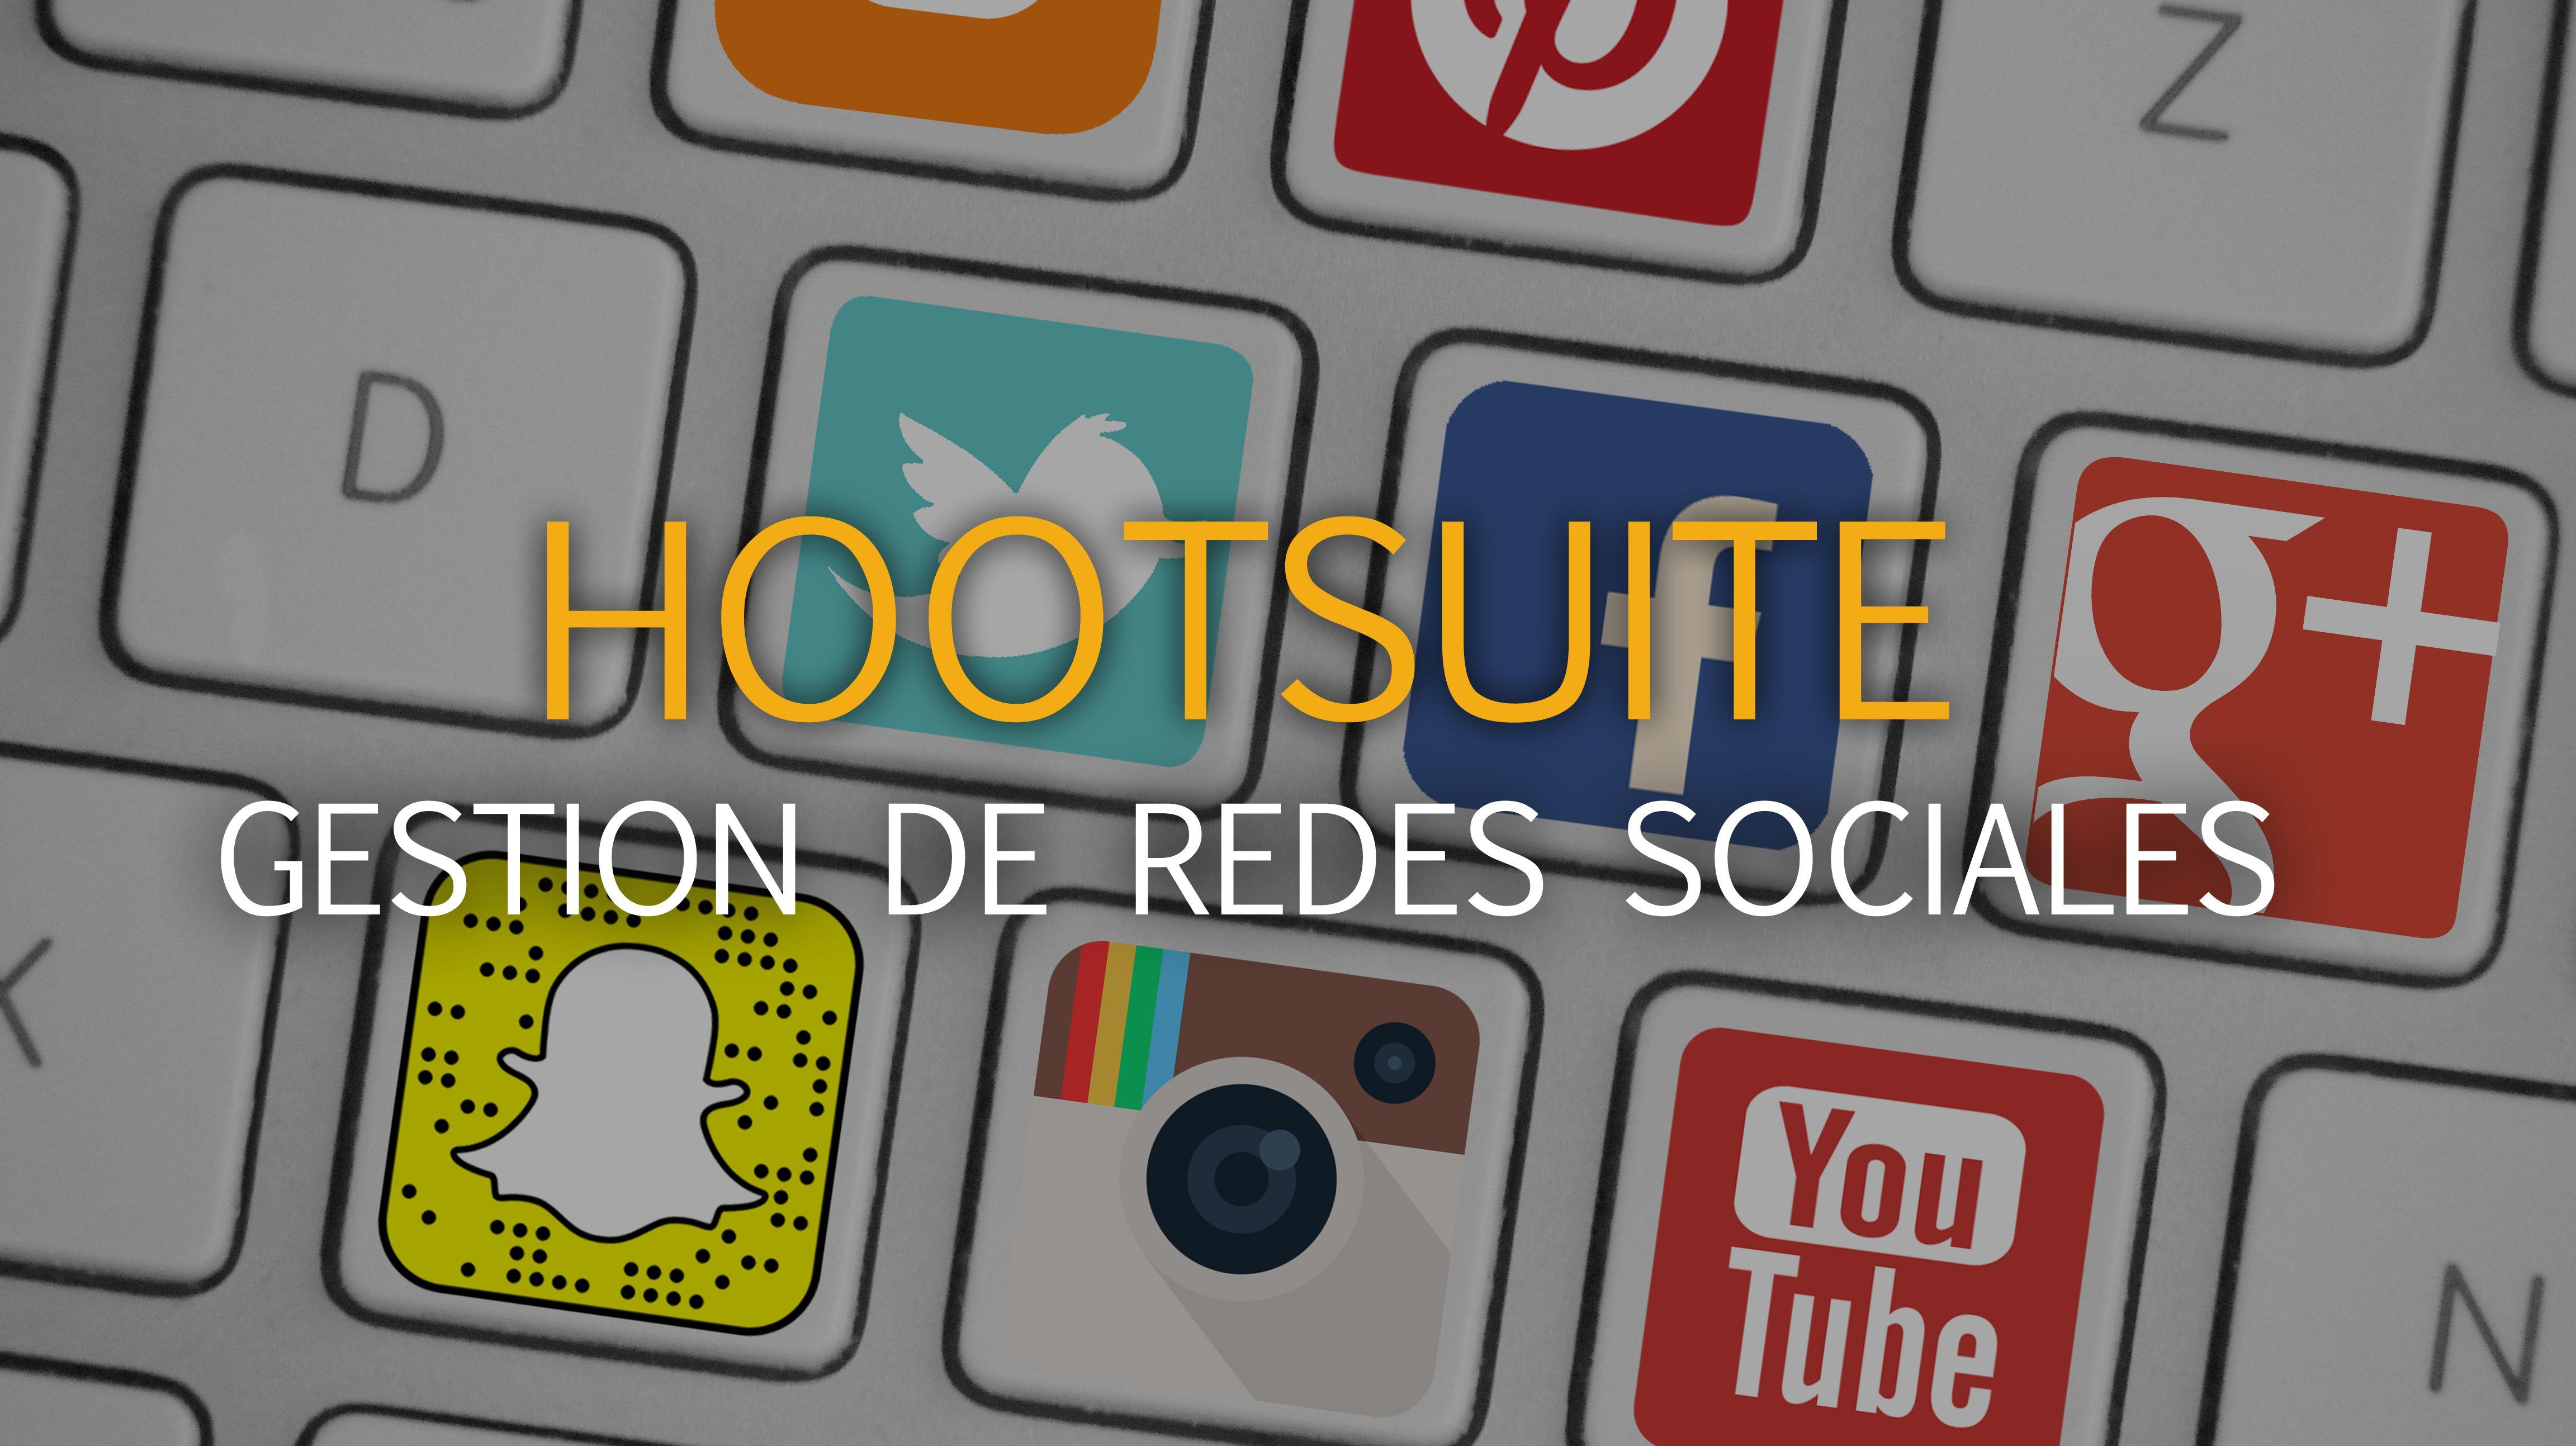 herramienta de redes sociales Hootsuite